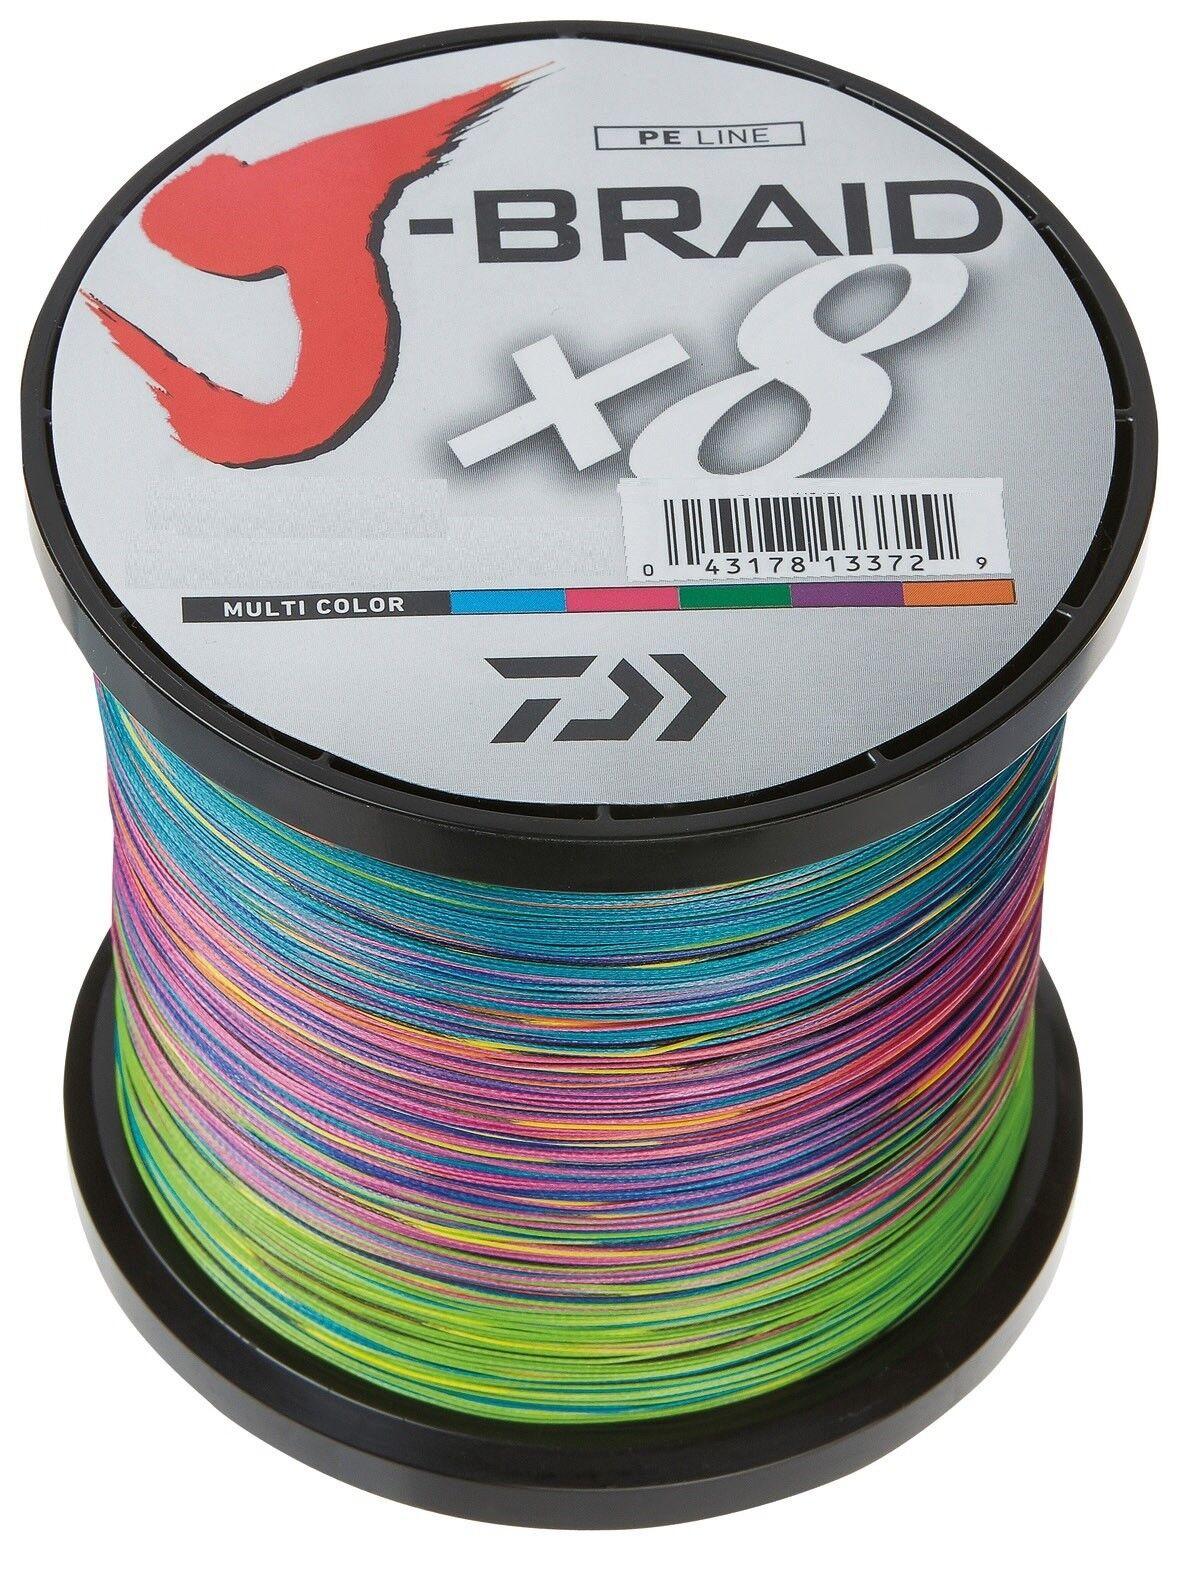 Daiwa J-Braid X8 0,18mm 12,0Kg 1500m Multicolor Geflochtene Schnur Angelschnur